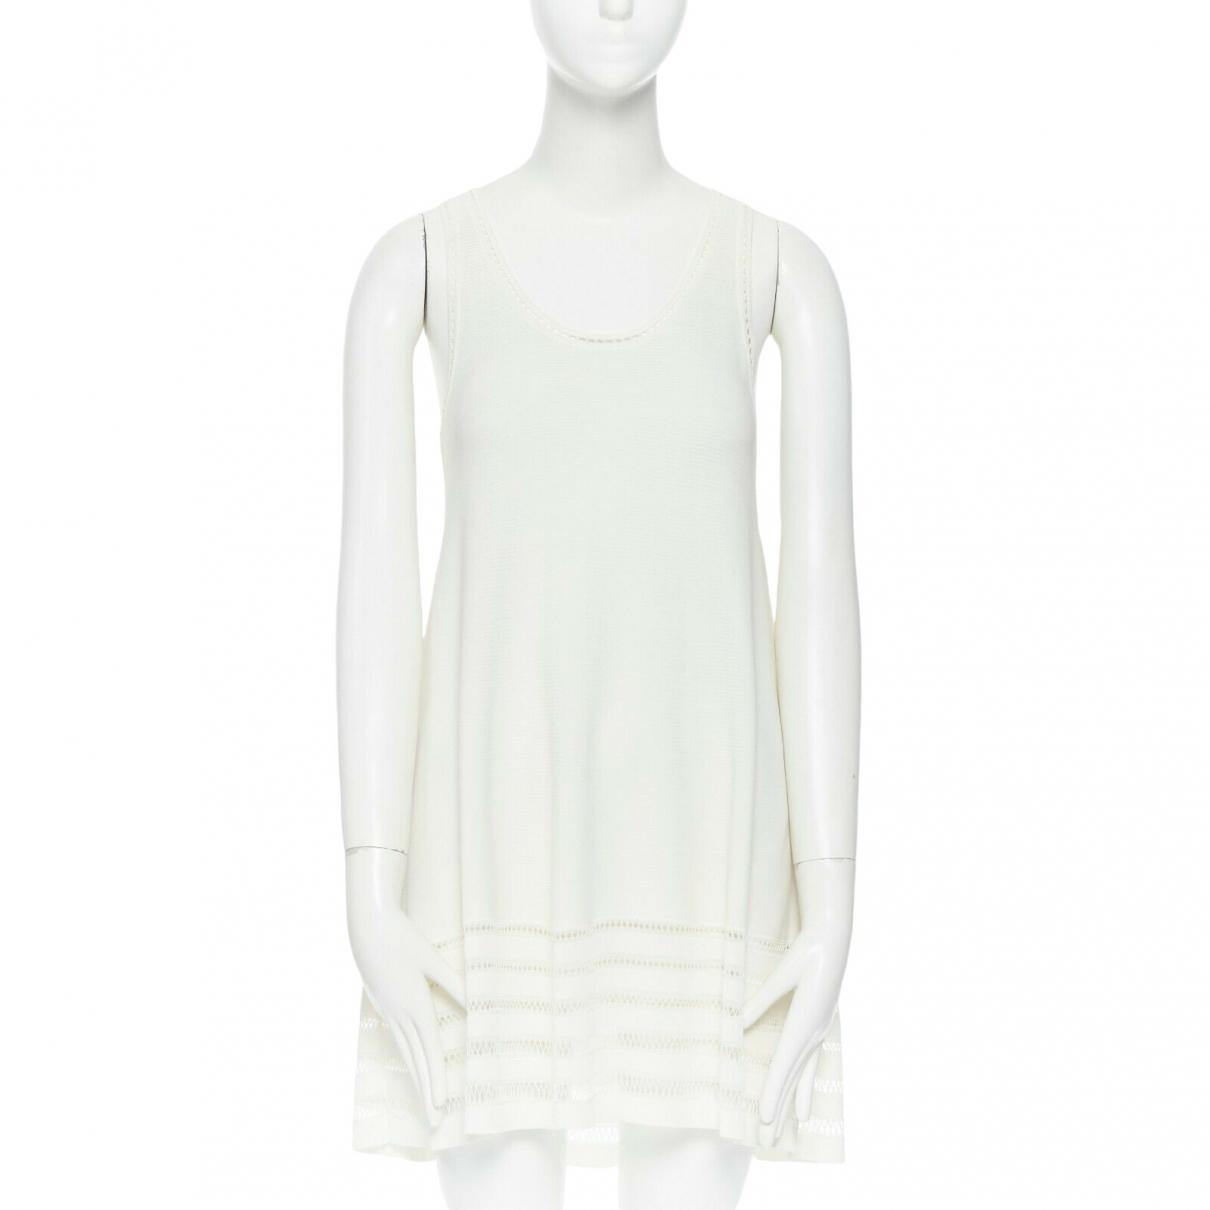 Alexander Mcqueen \N Ecru dress for Women XS International